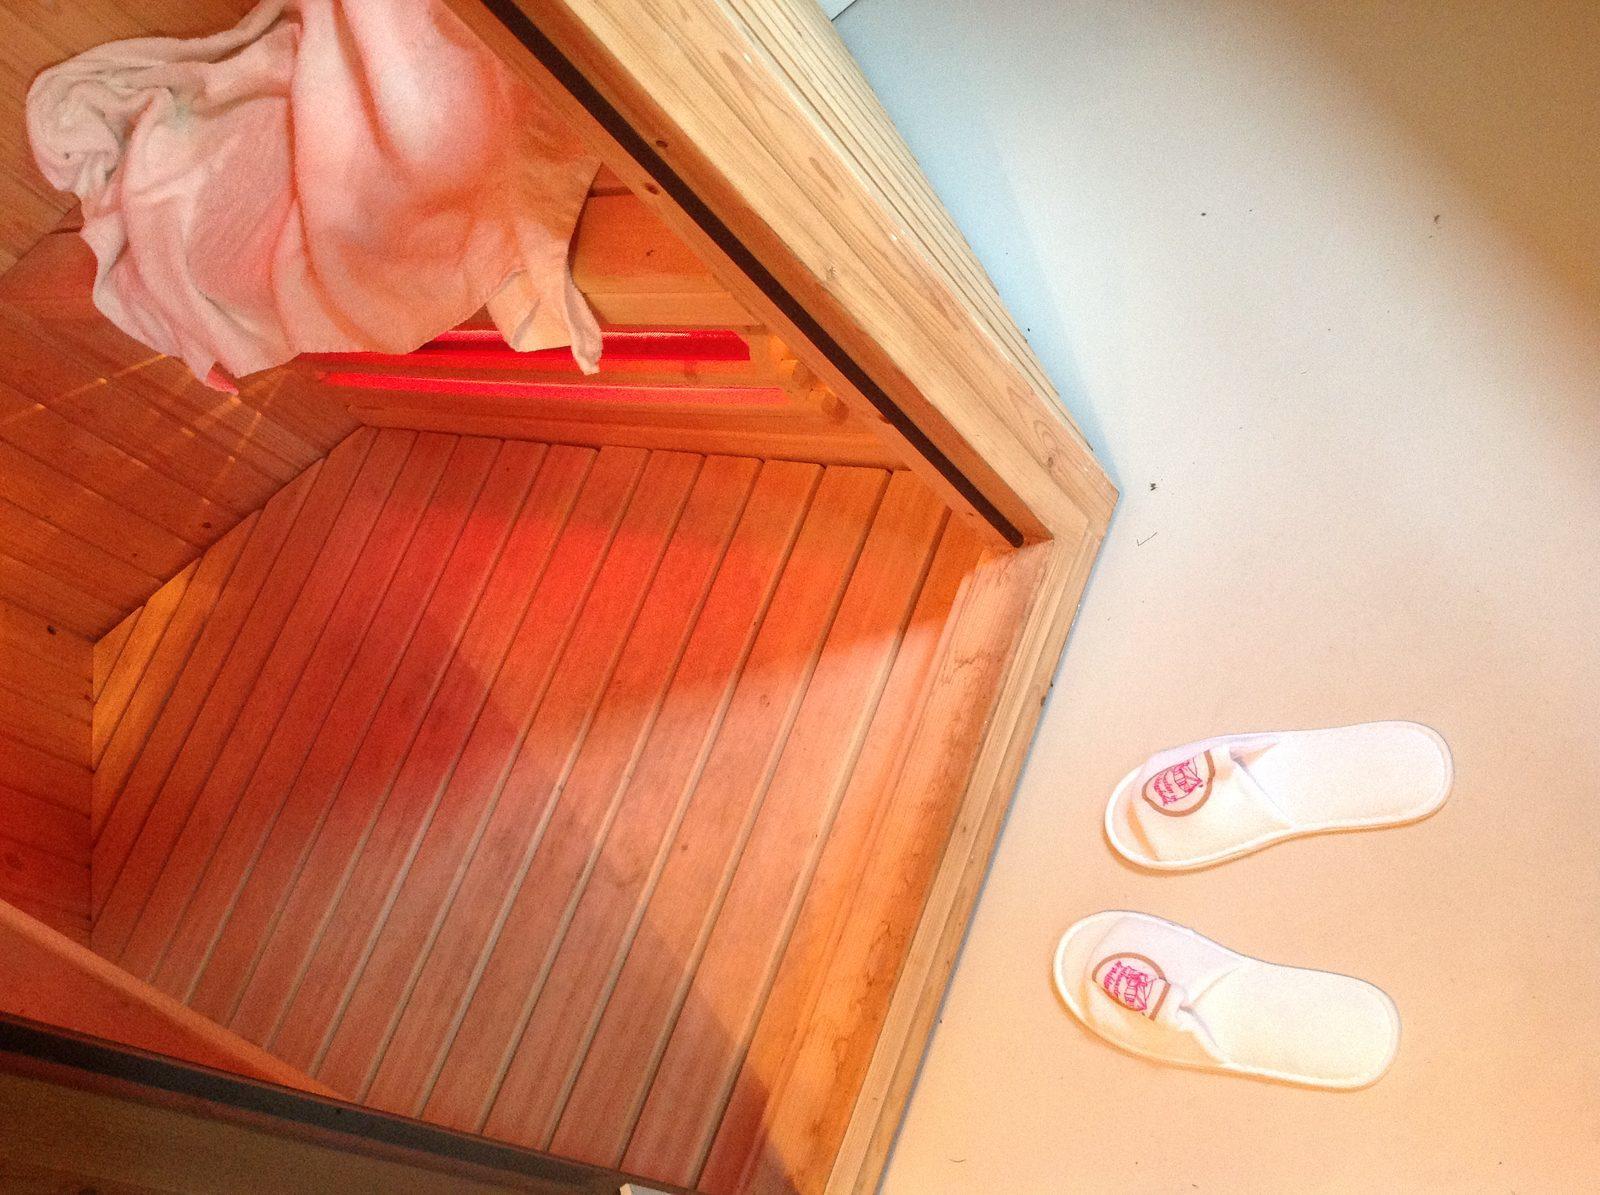 Infra red sauna the Tortelduif